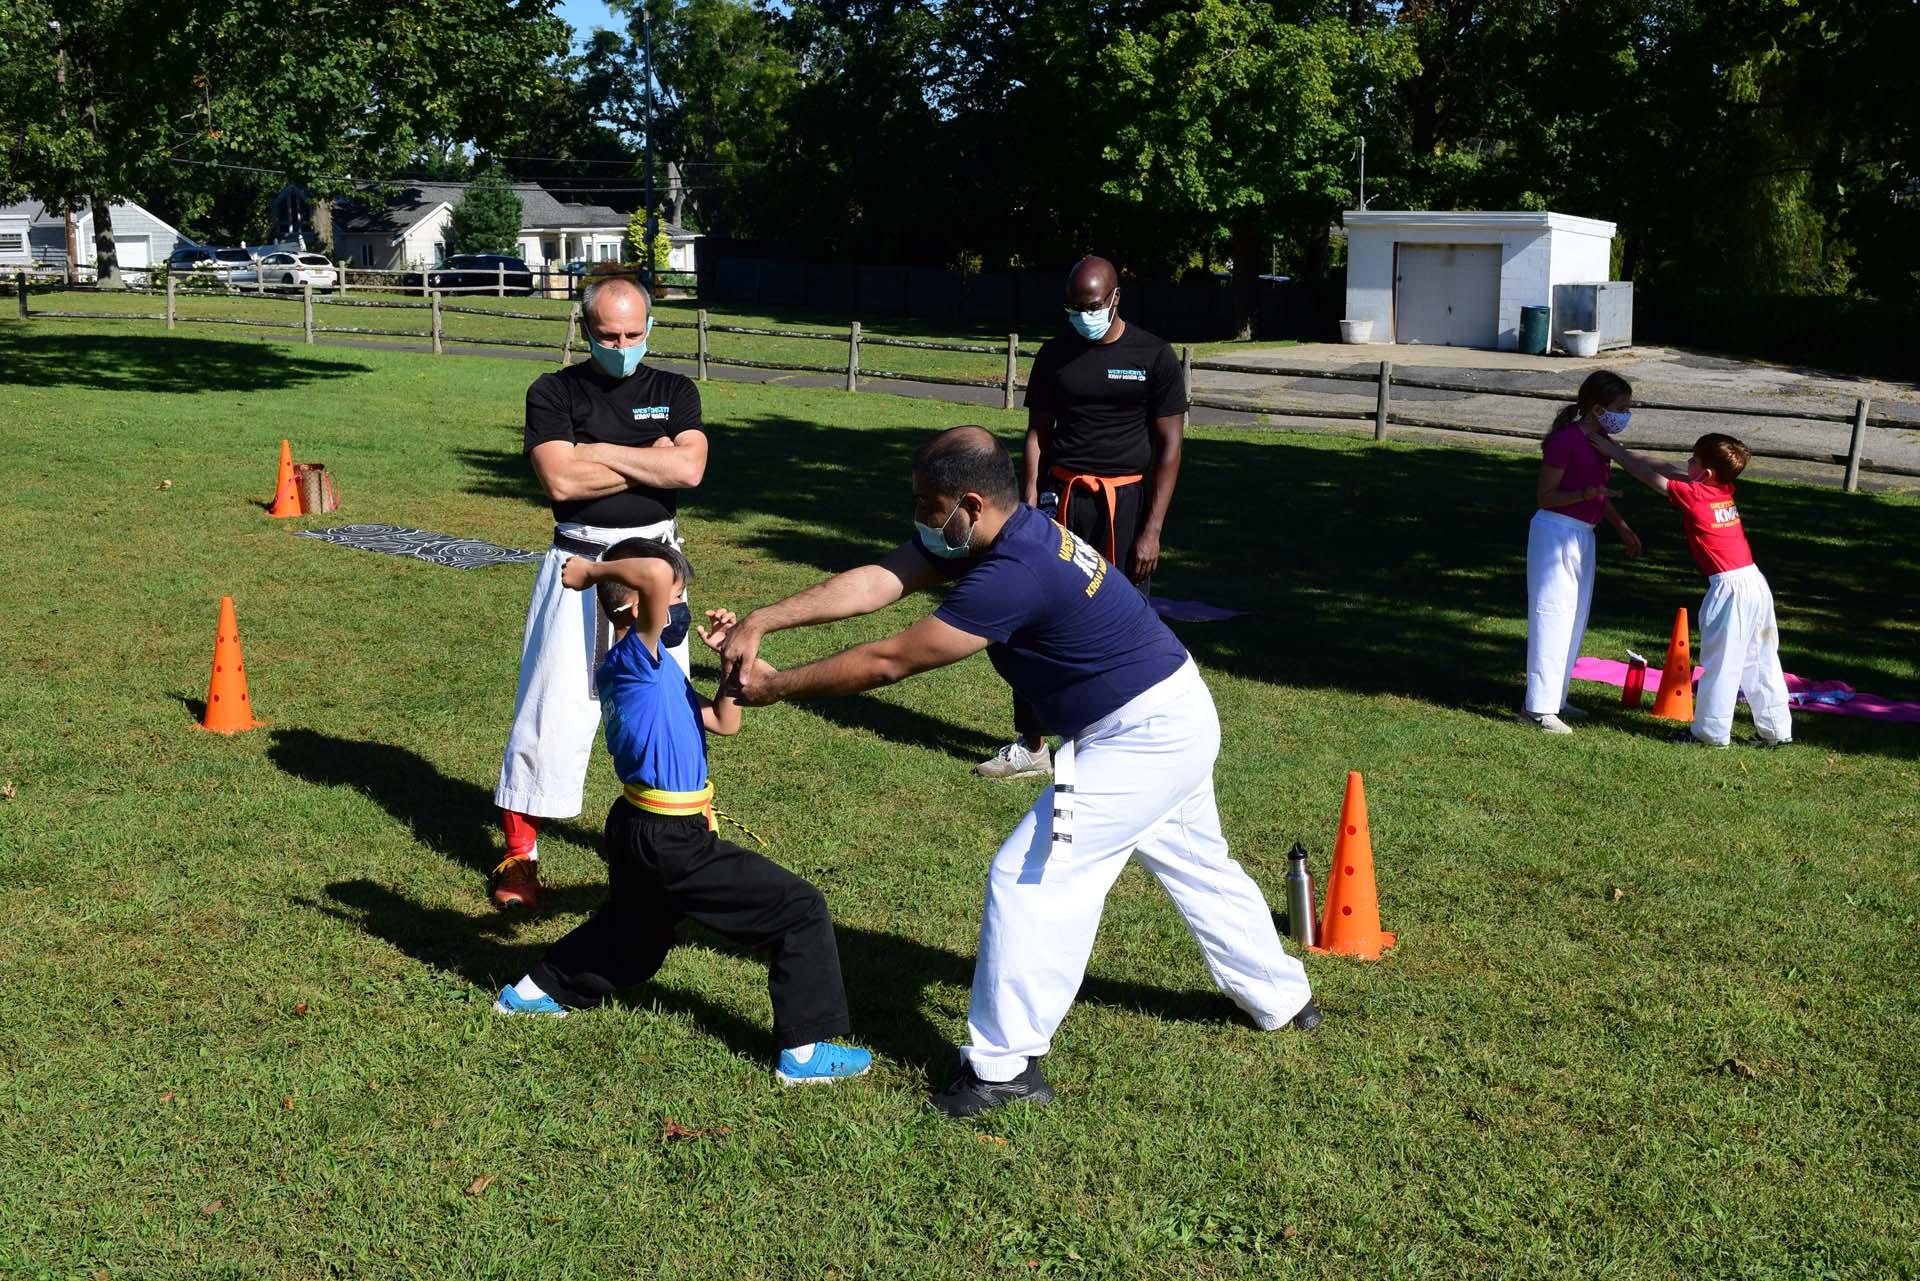 2021 September 26 - Krav Maga Self-Defense & Shotokan Karate Outdoor Classes in Davenport Park